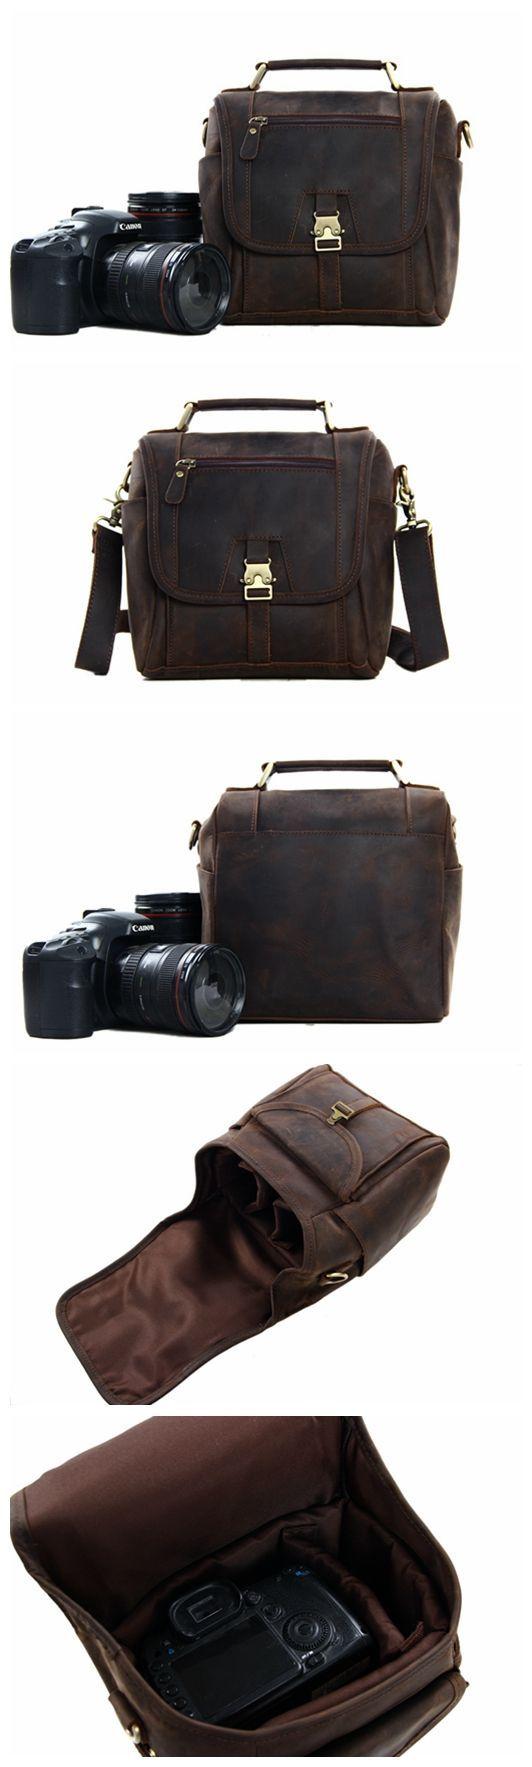 Handmade Genuine Leather DSLR Camera Bag Messenger Bag Crossbody Shoulder Bag